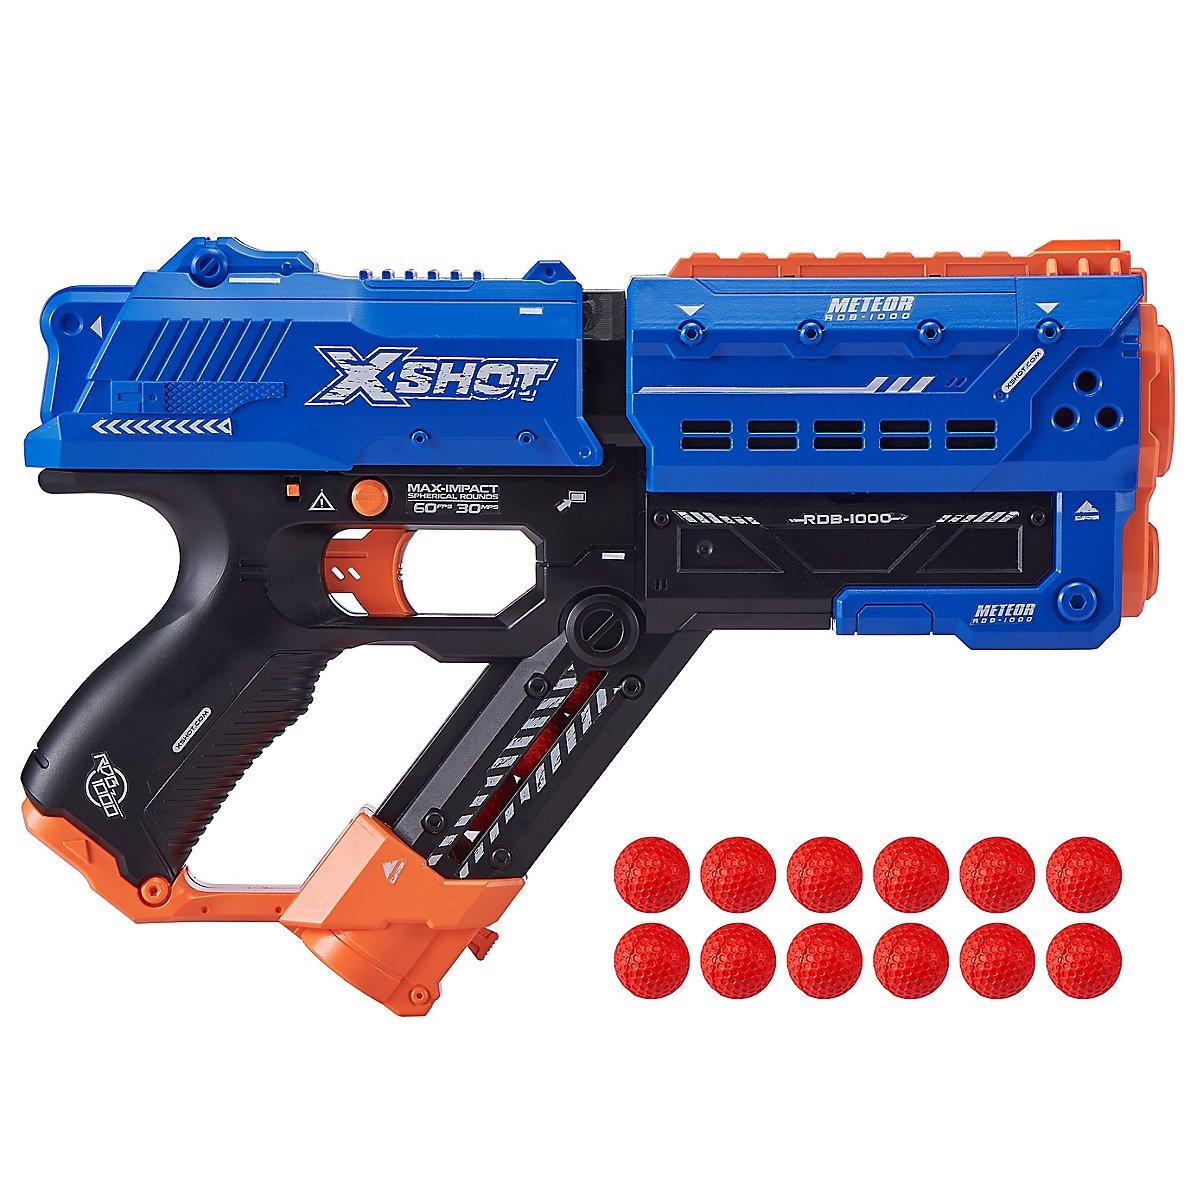 خرید اینترنتی تفنگ بازی زورو سری X-Shot مدل Chaos Meteor اورجینال